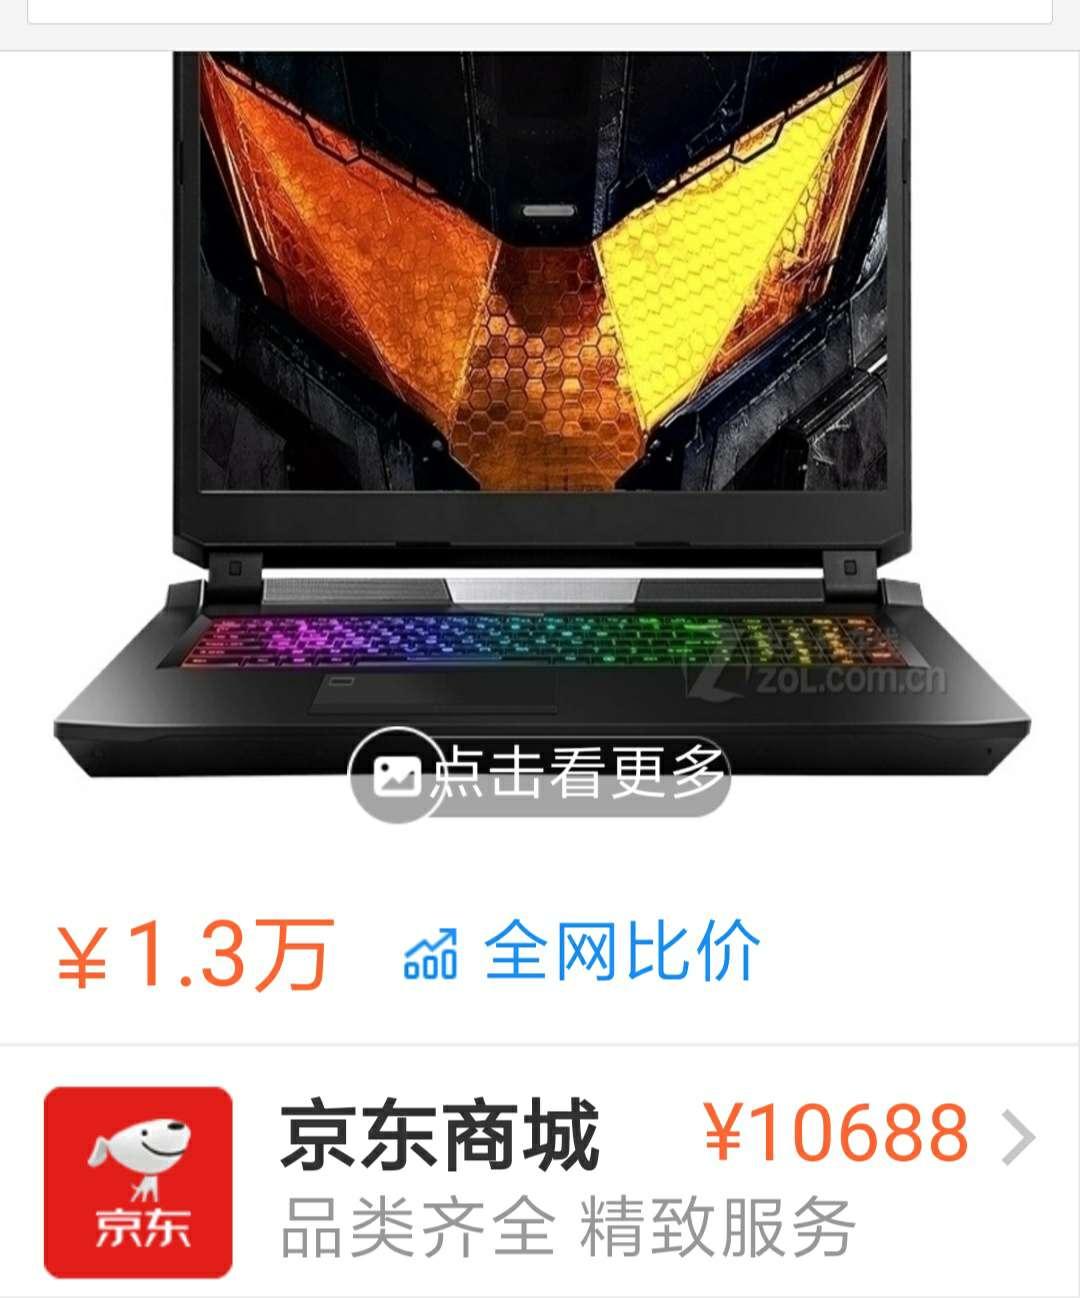 炫龙 V87P怎么更换硬盘?